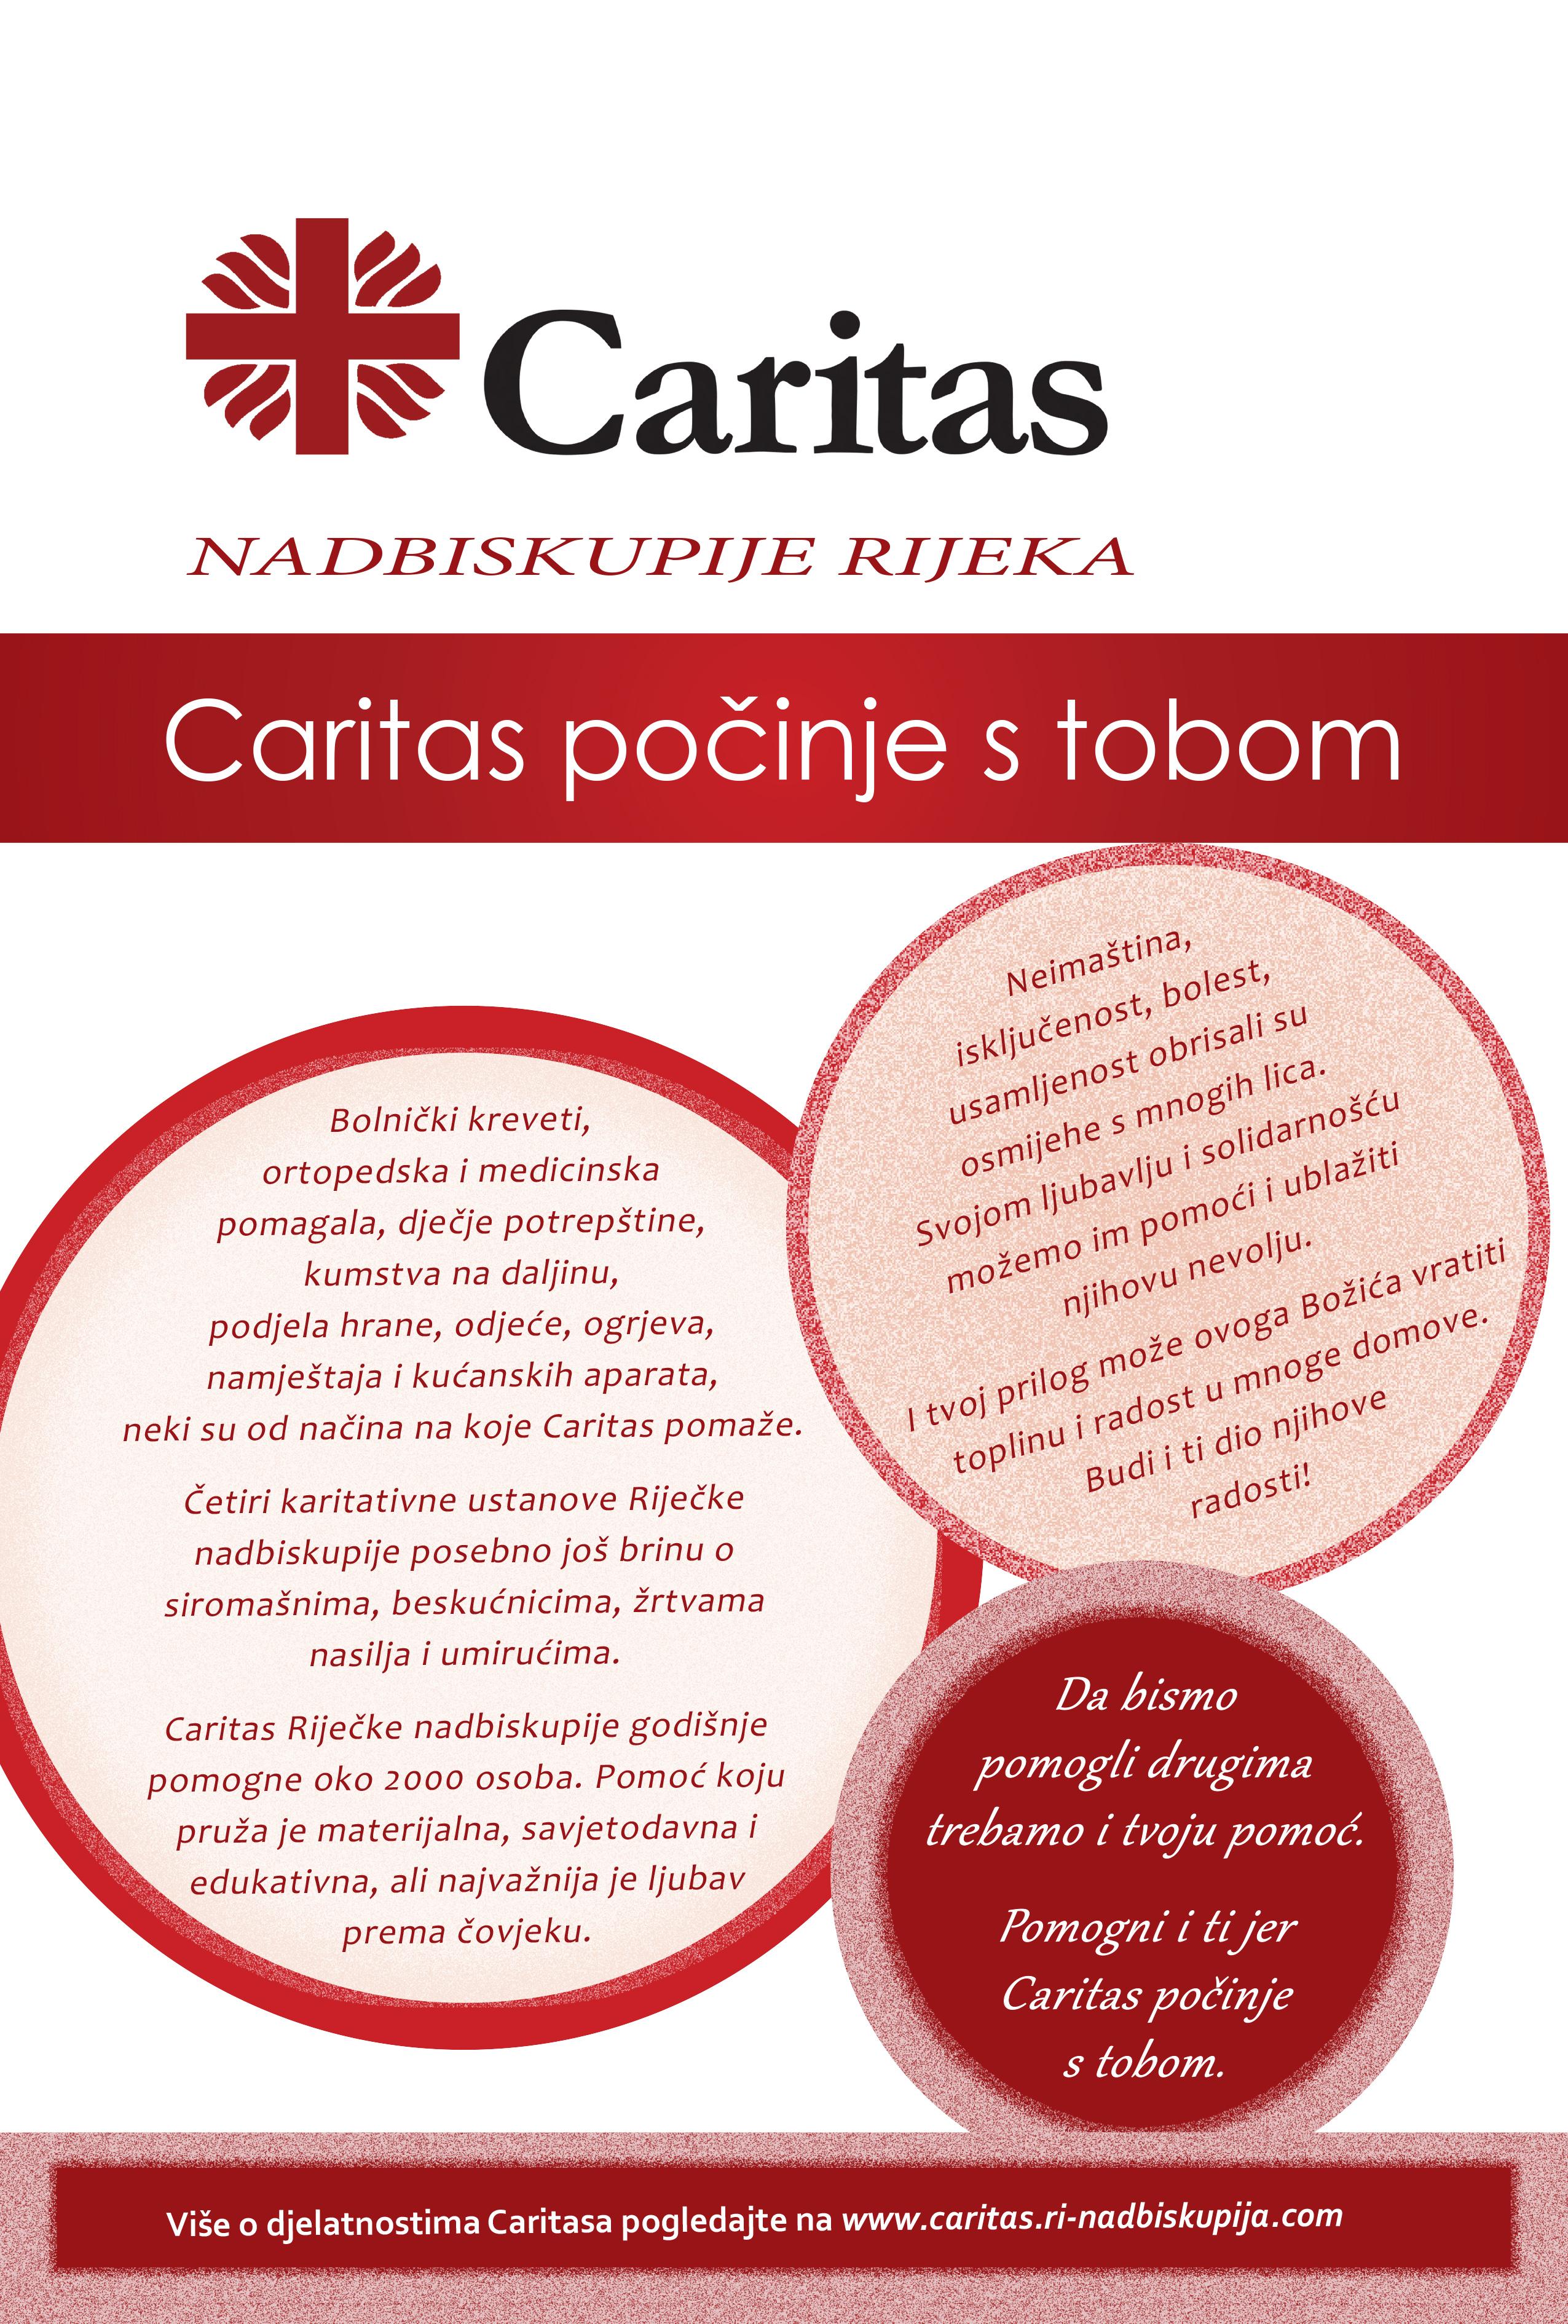 Caritasove akcije u došašću